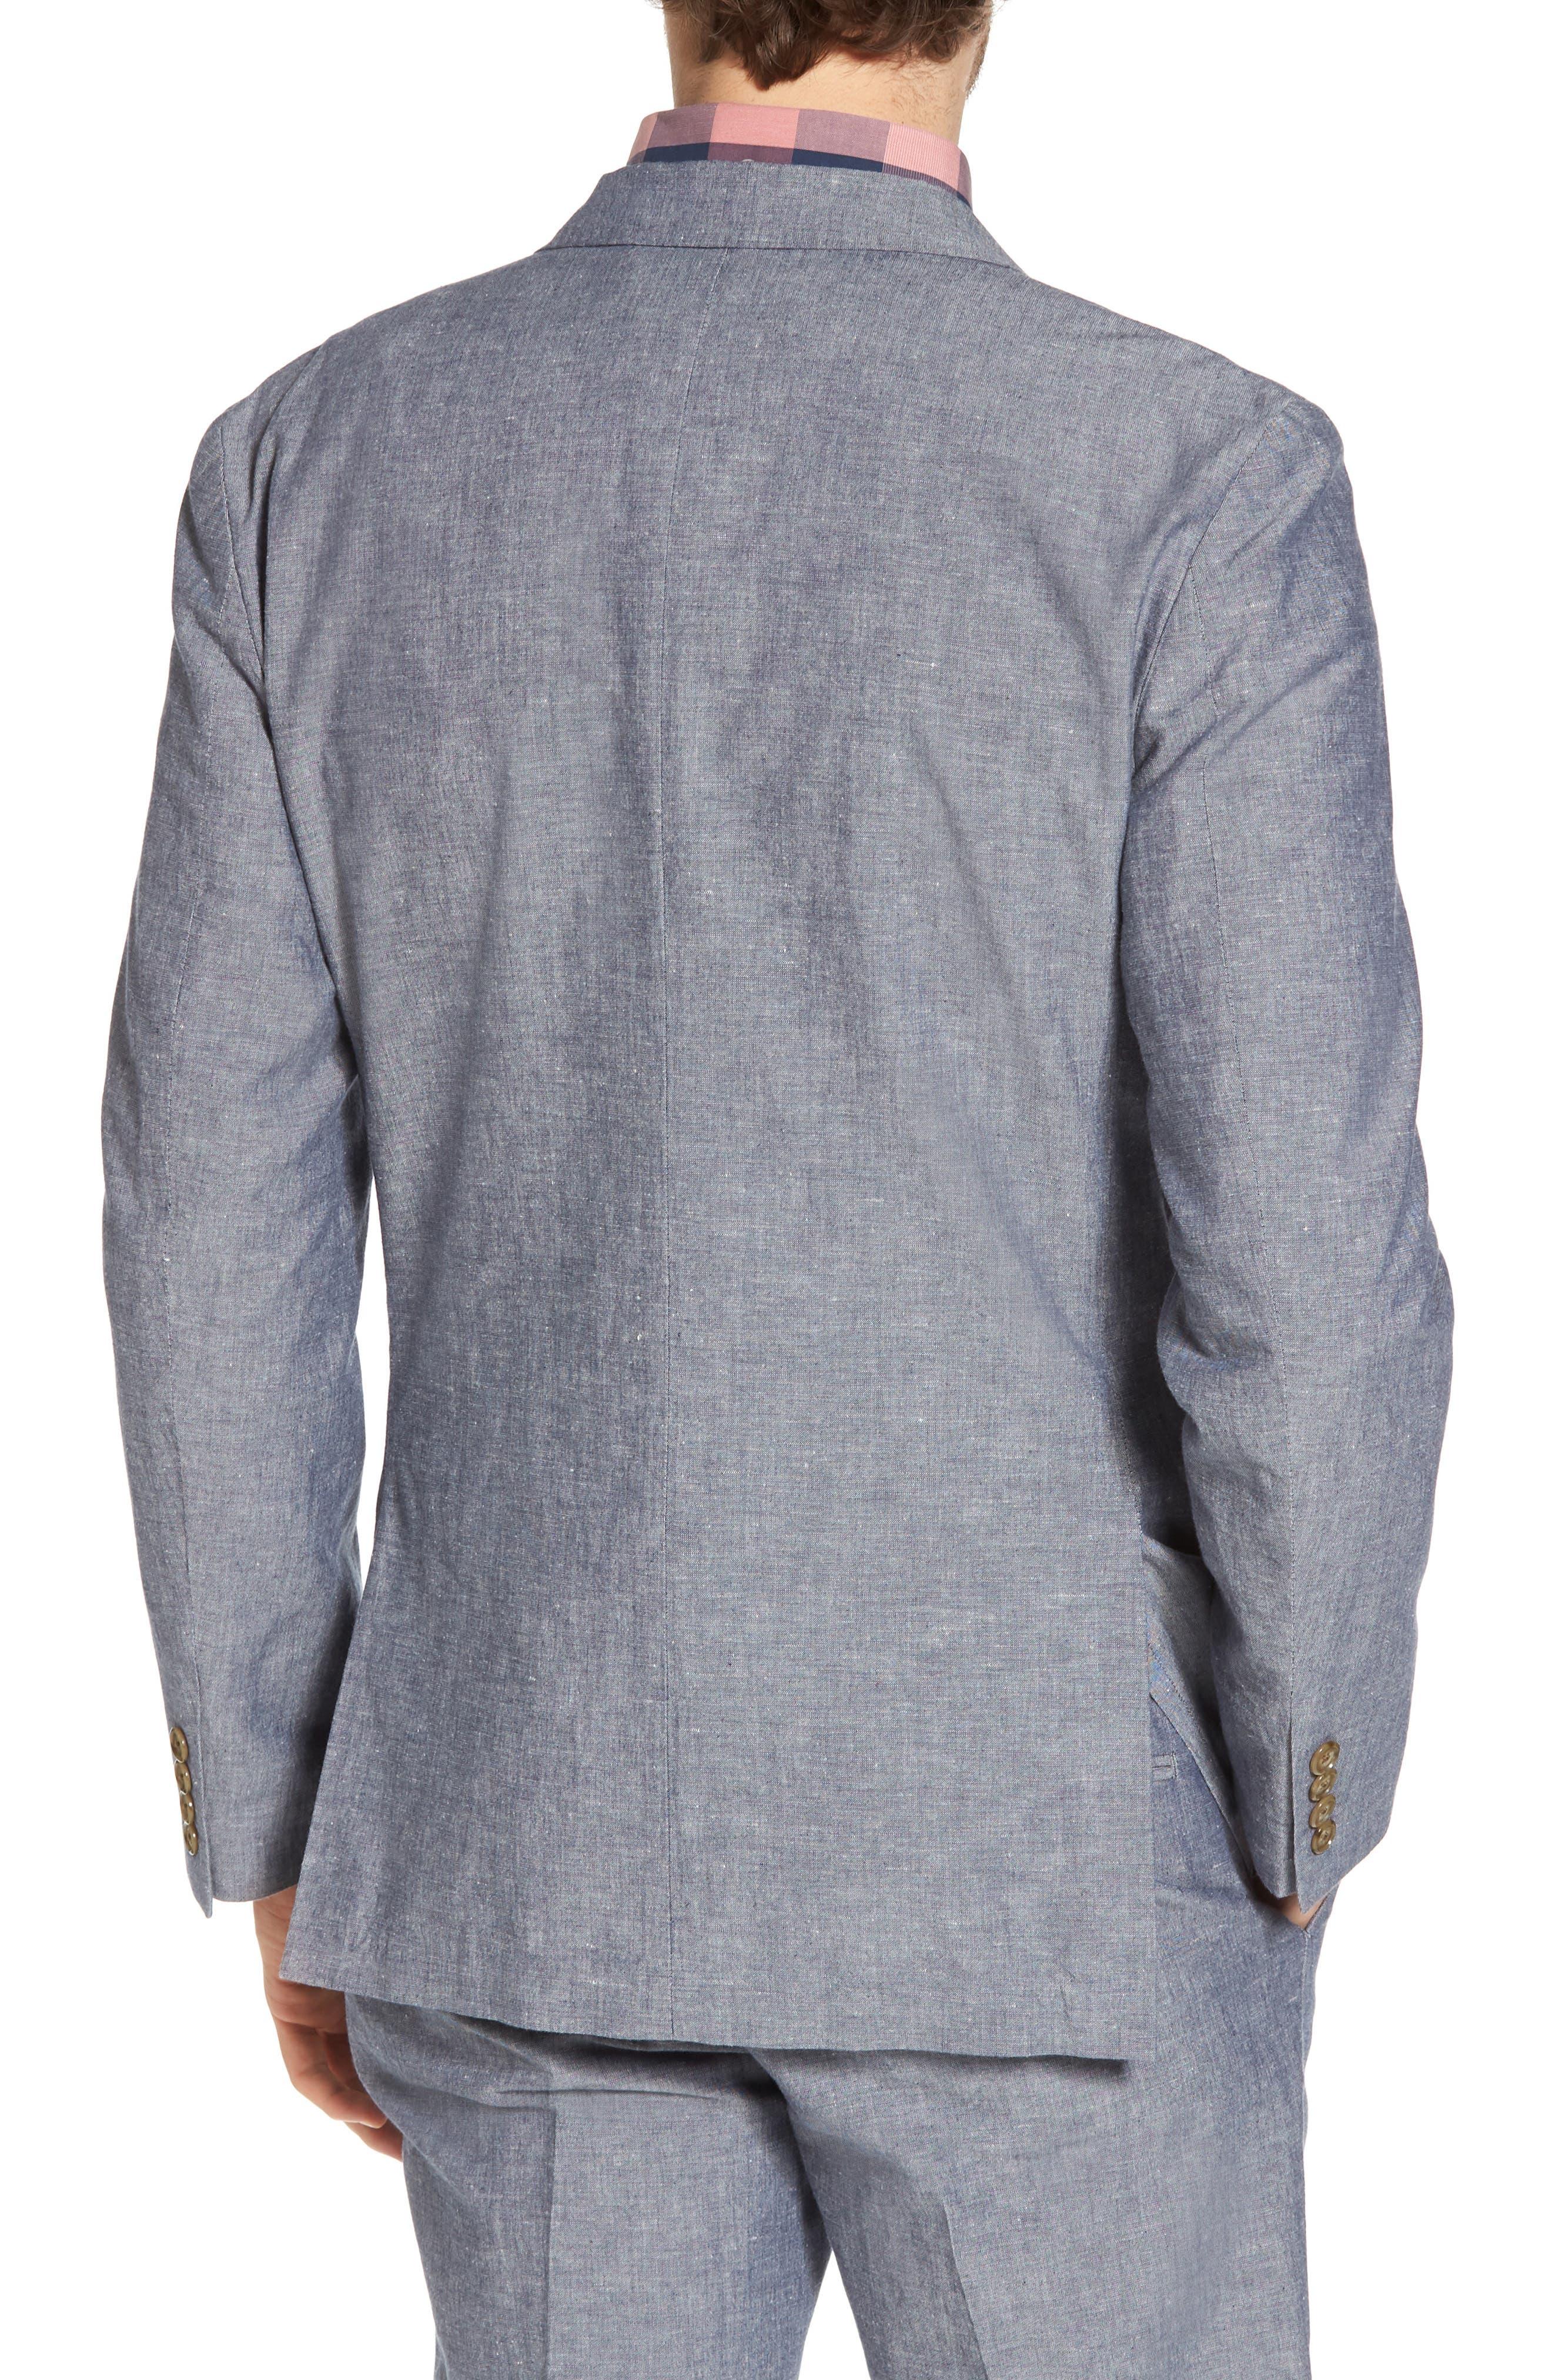 Ludlow Cotton & Linen Blazer,                             Alternate thumbnail 2, color,                             400